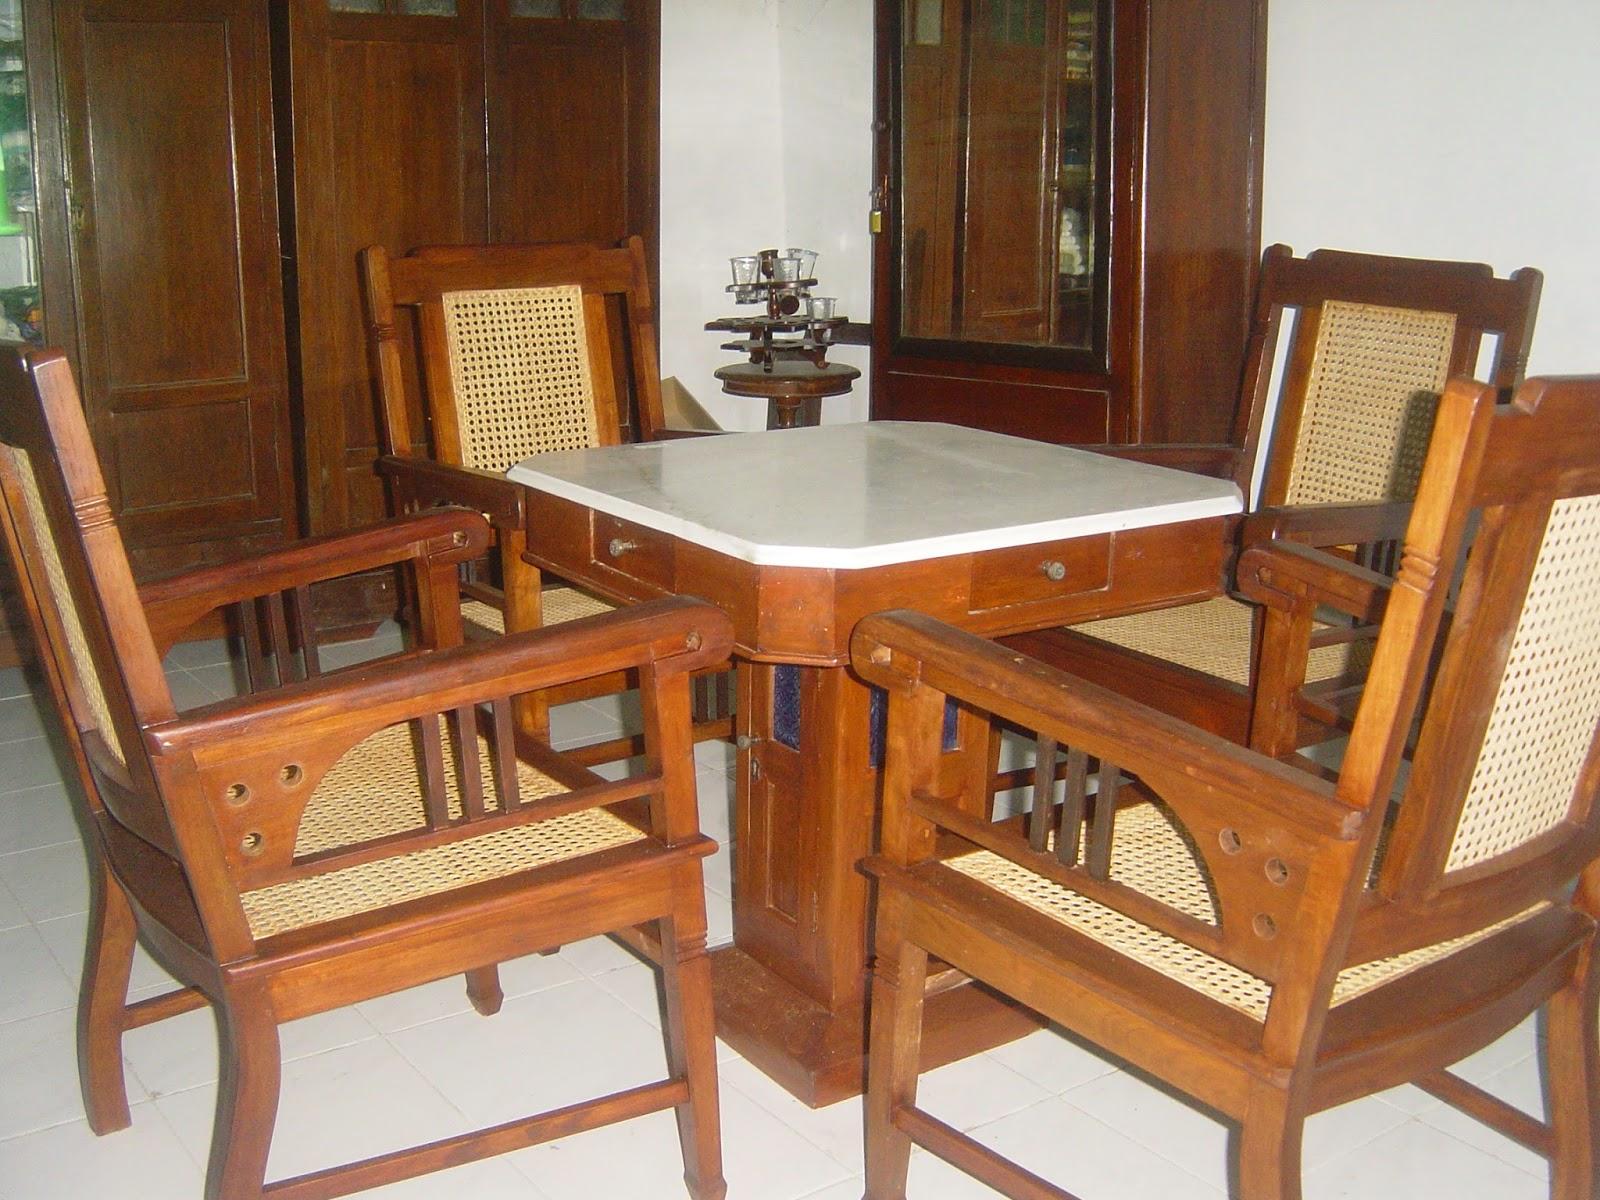 foto furniture. J A G O N T I K Foto Furniture